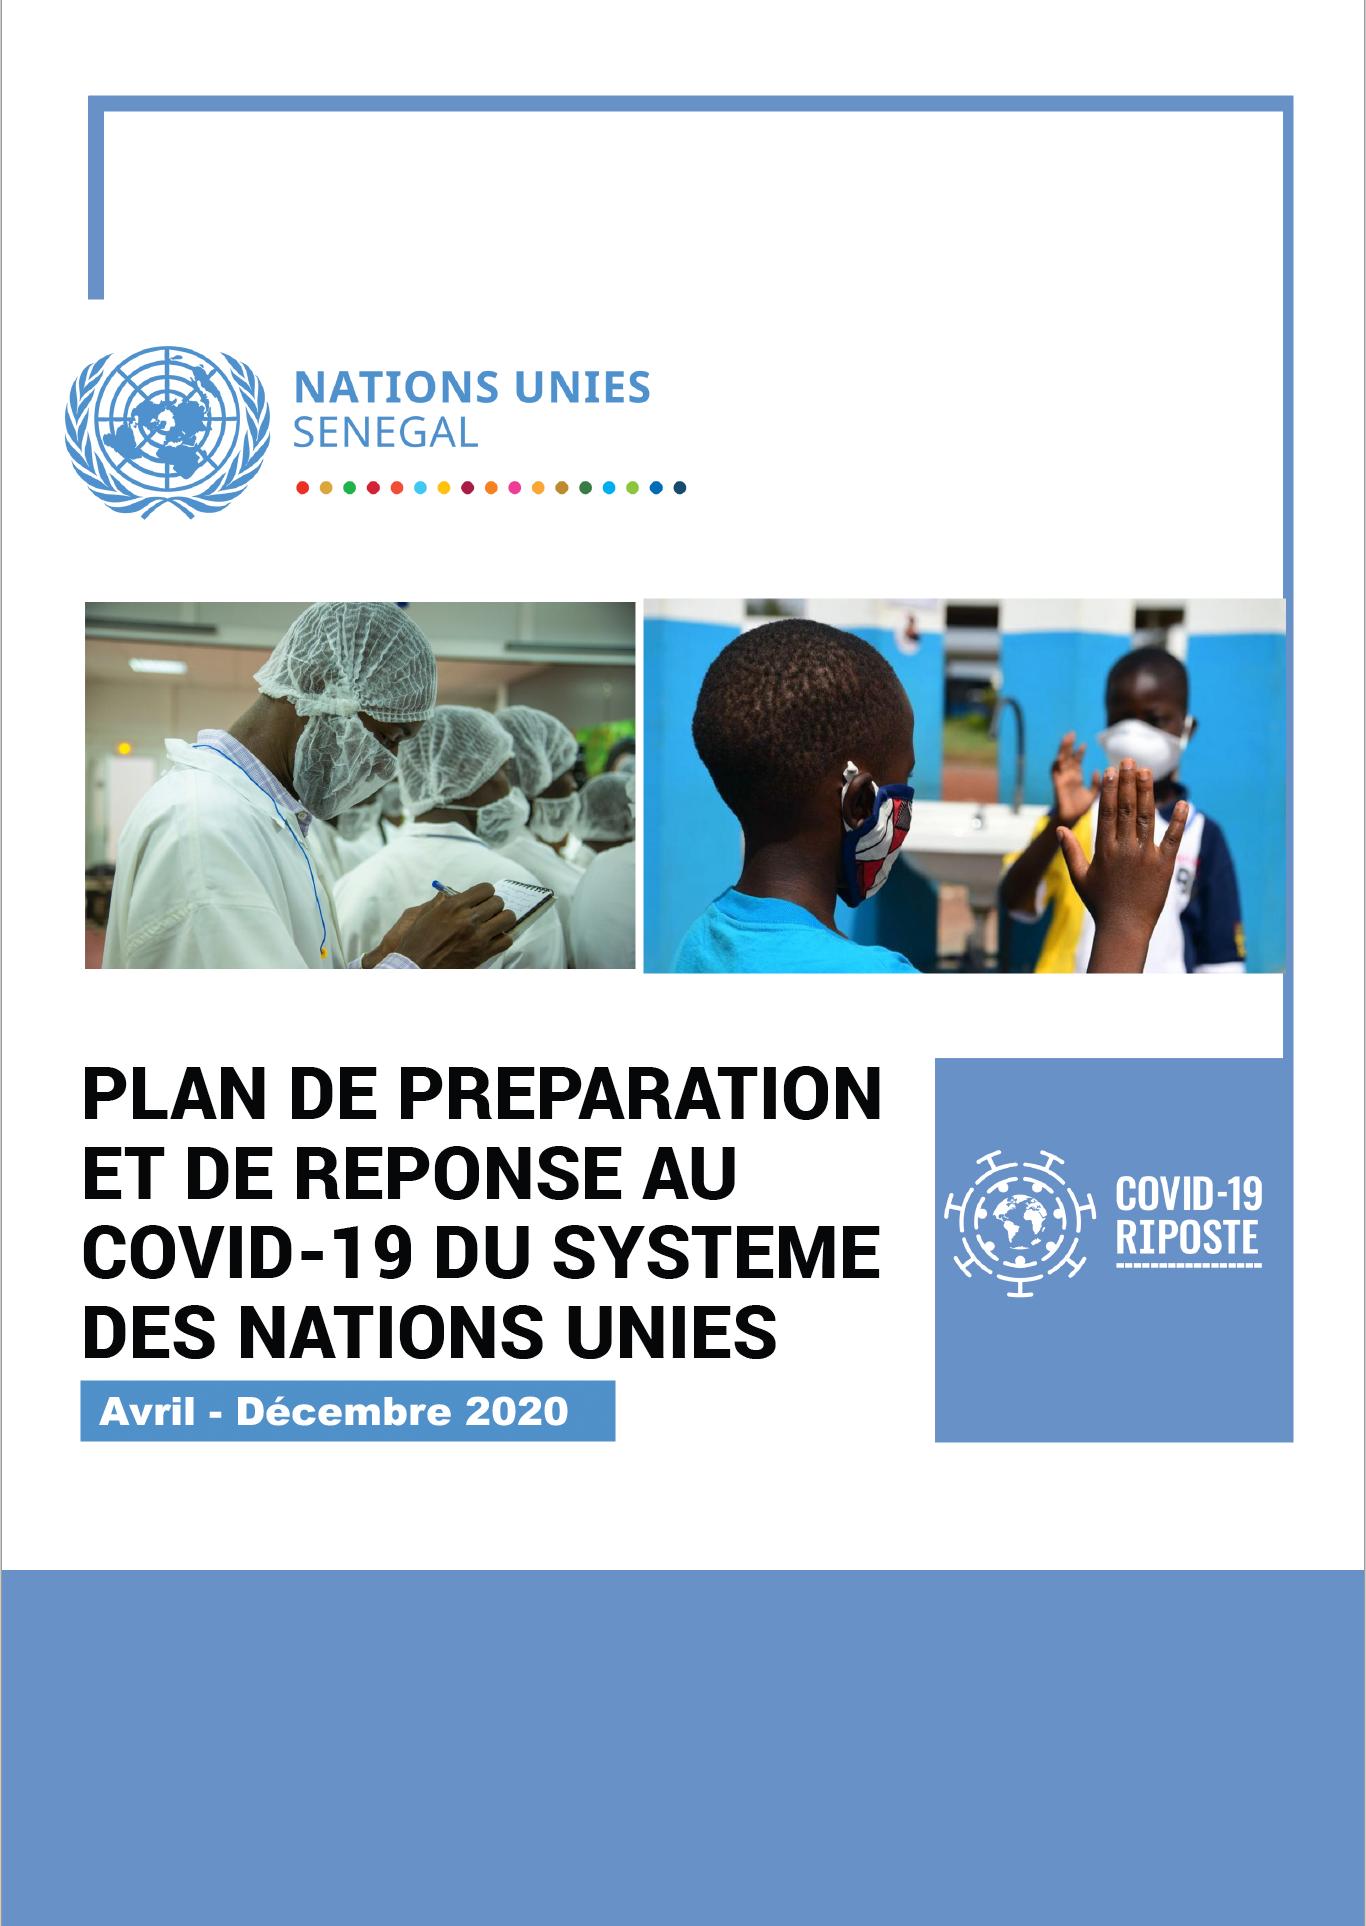 Plan de préparation et de réponse au COVID-19 du Système des Nations Unies au Sénégal